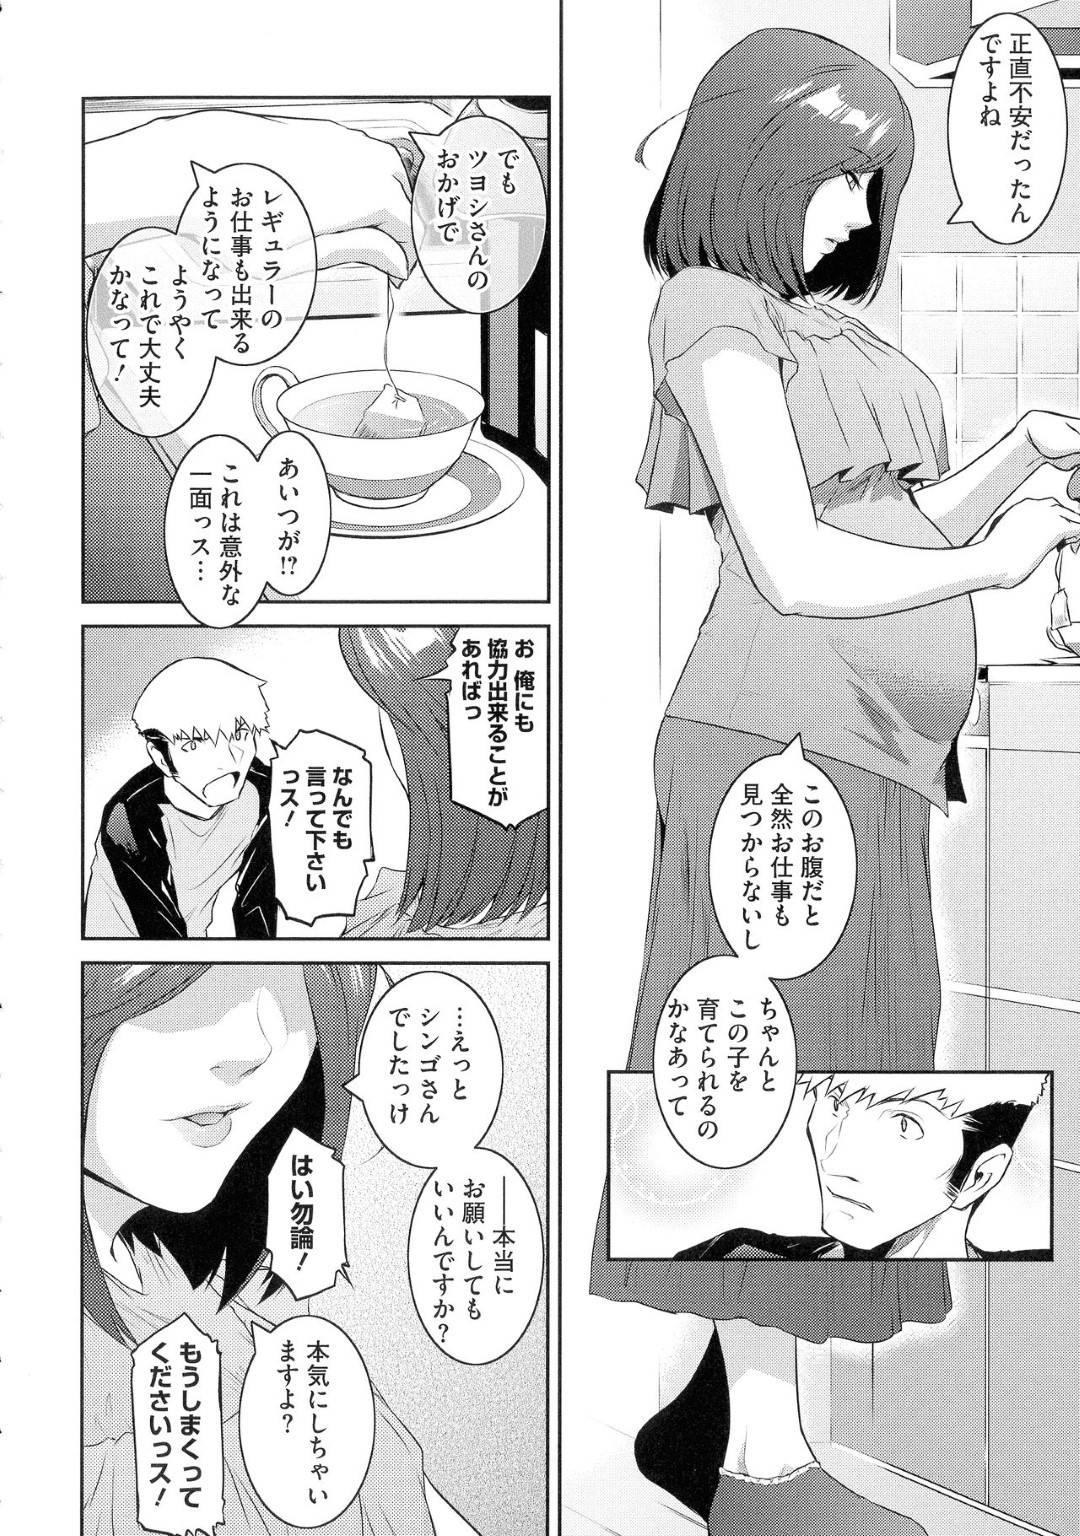 【エロ漫画】青年と同棲するようになったボテ腹サキュバス…淫乱な彼女は積極的にエッチを求めてフェラやてこきした挙げ句、生ハメセックスする!【ここのき奈緒:サキュバスを召喚してみたら妊婦だった件 #3】